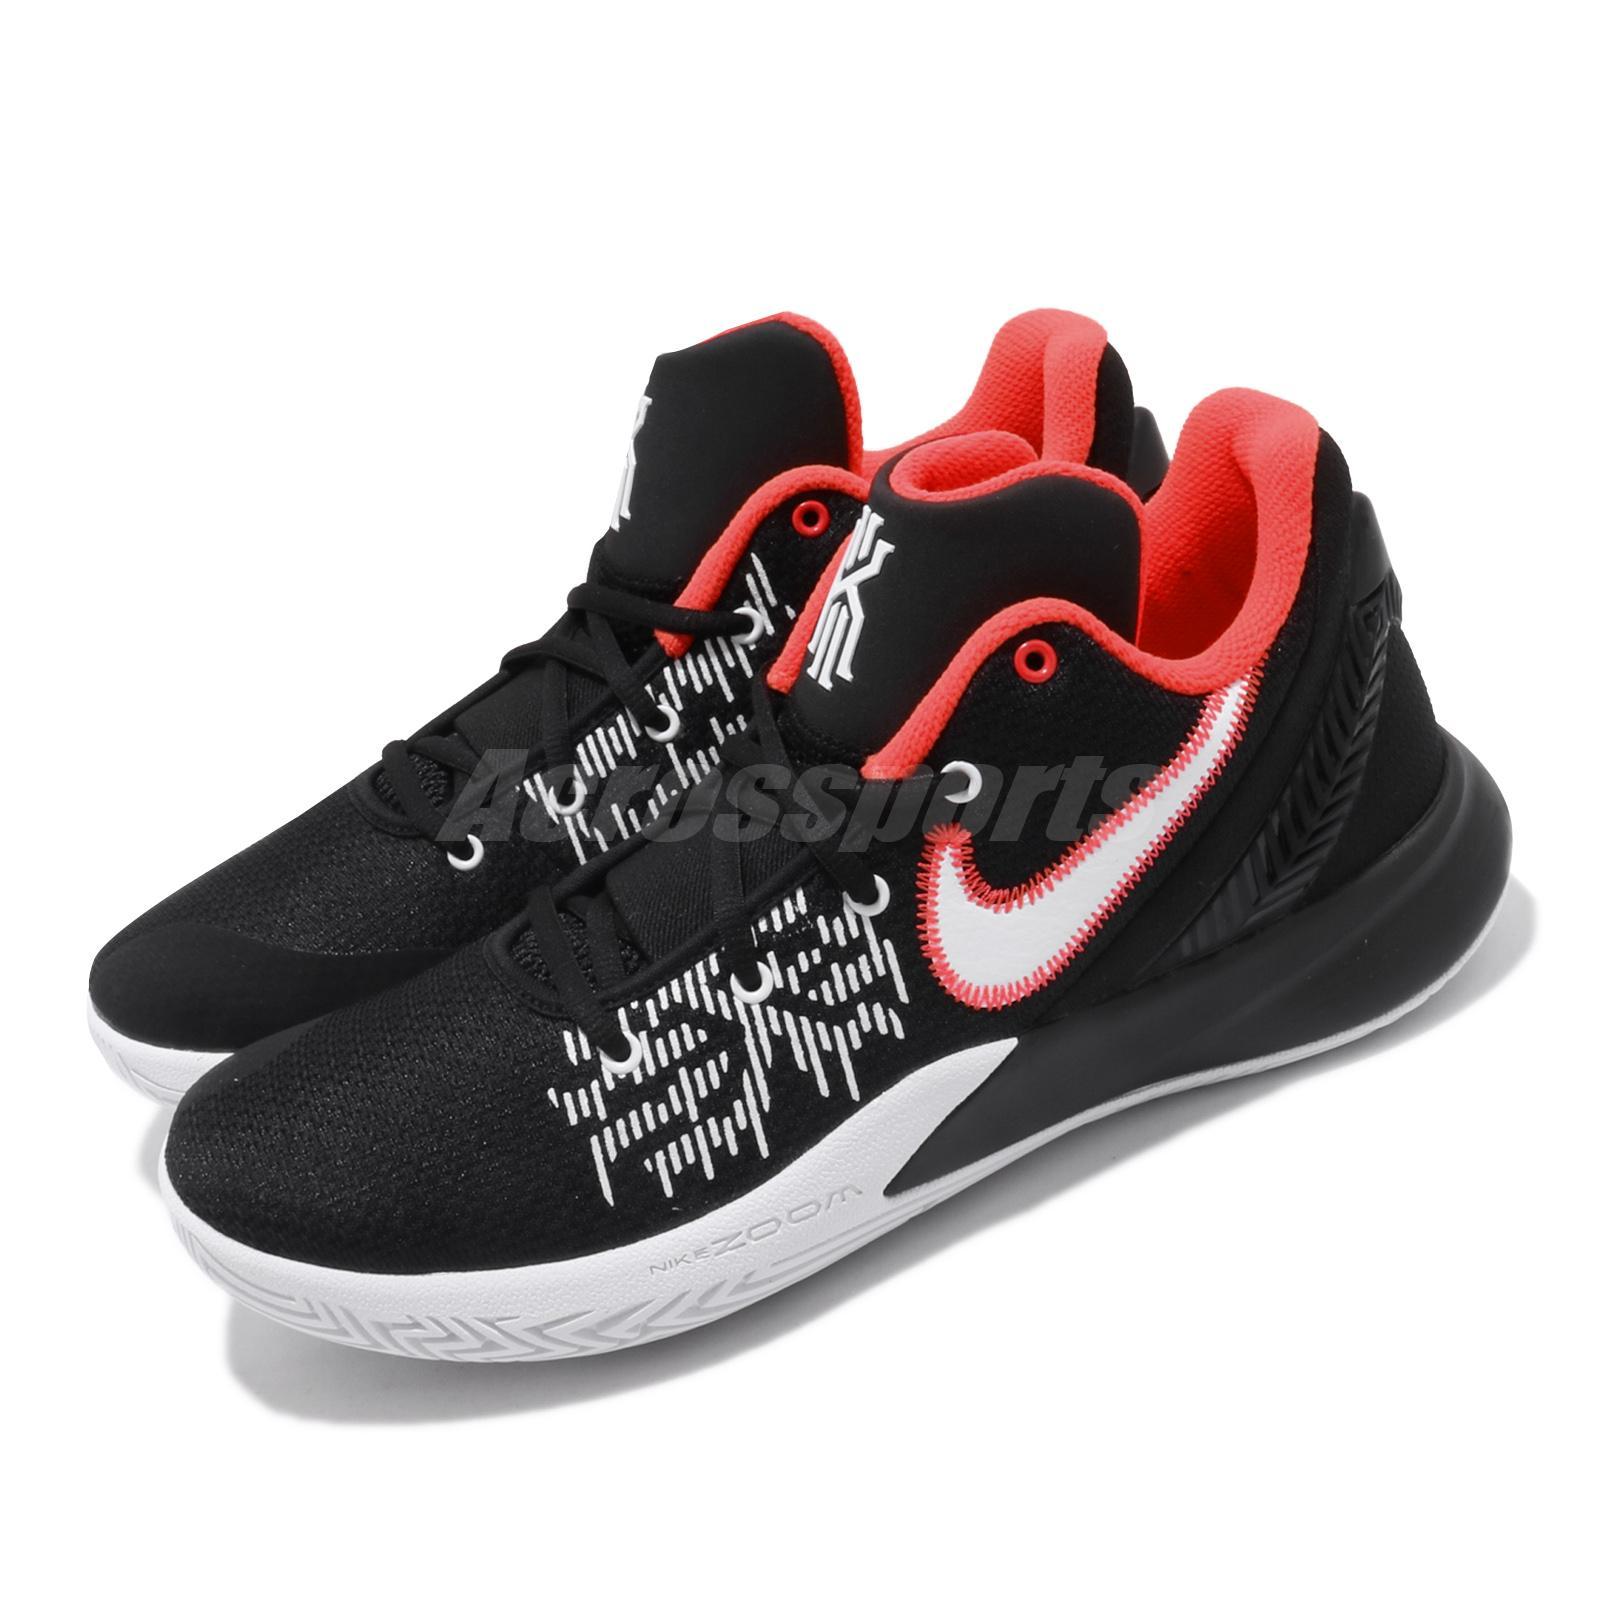 Nike Kyrie Flytrap II EP 2 Irving Black